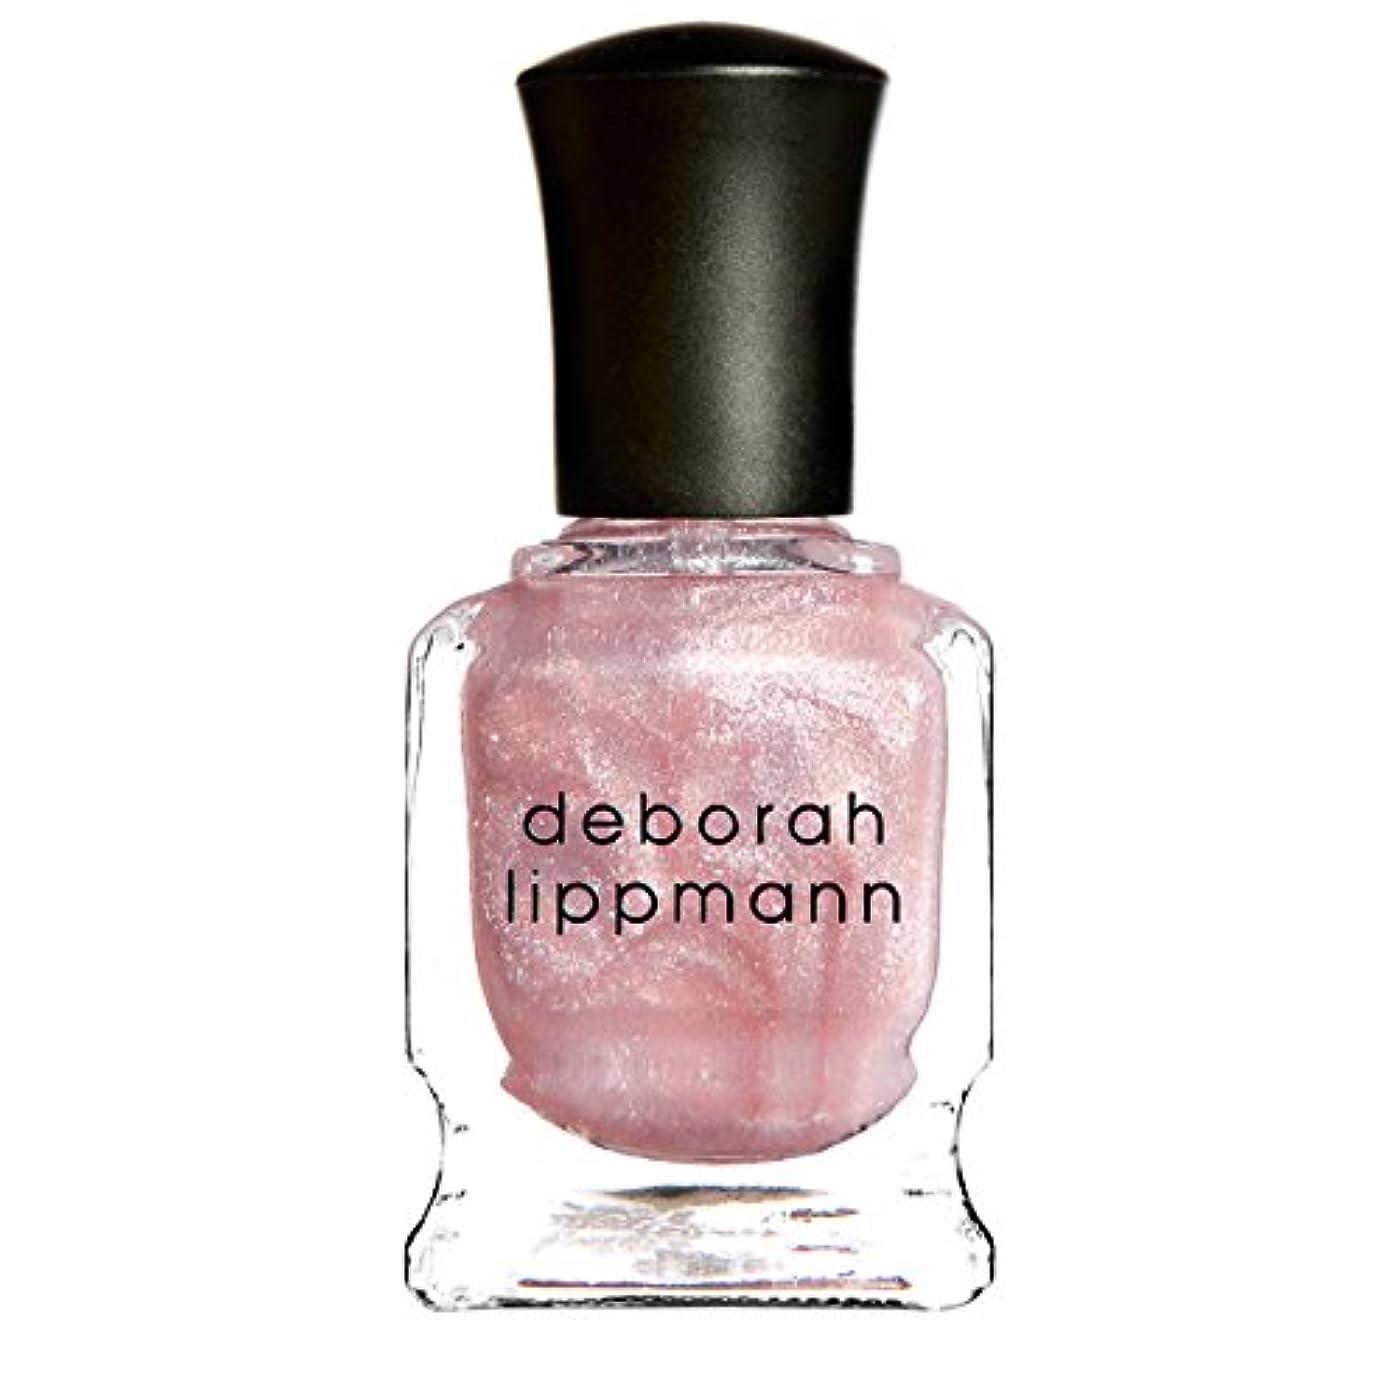 急性確実見せます[Deborah Lippmann] デボラリップマン ポリッシュ ピンク系 15mL (ホワットエバー ローラ ウォンツ)